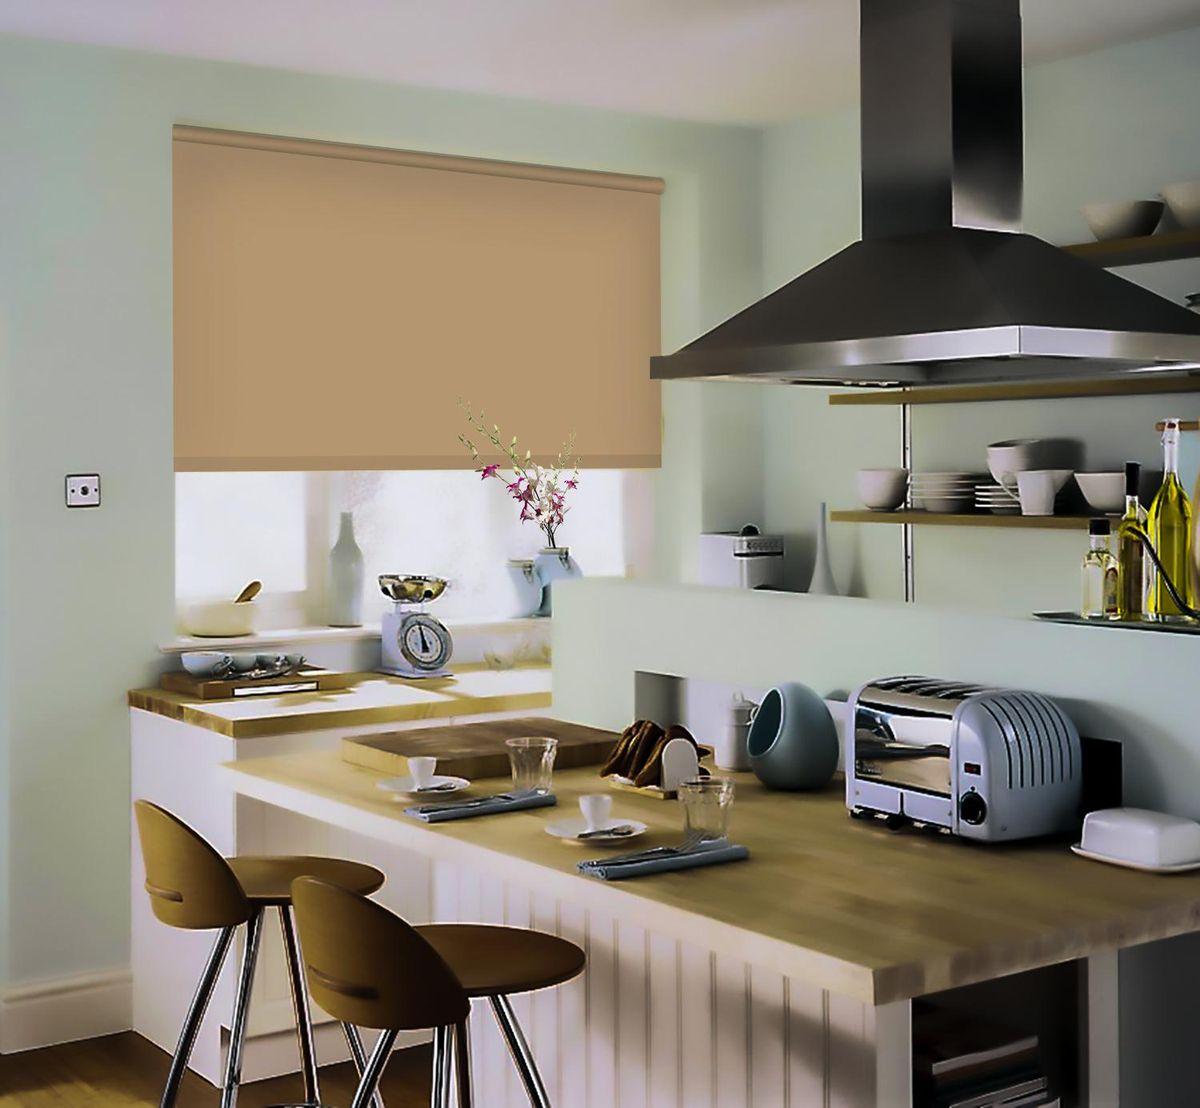 Штора рулонная Эскар, цвет: темно-бежевый, ширина 60 см, высота 170 см81209060170Рулонными шторами можно оформлять окна как самостоятельно, так и использовать в комбинации с портьерами. Это поможет предотвратить выгорание дорогой ткани на солнце и соединит функционал рулонных с красотой навесных. Преимущества применения рулонных штор для пластиковых окон: - имеют прекрасный внешний вид: многообразие и фактурность материала изделия отлично смотрятся в любом интерьере; - многофункциональны: есть возможность подобрать шторы способные эффективно защитить комнату от солнца, при этом о на не будет слишком темной. - Есть возможность осуществить быстрый монтаж. ВНИМАНИЕ! Размеры ширины изделия указаны по ширине ткани! Во время эксплуатации не рекомендуется полностью разматывать рулон, чтобы не оторвать ткань от намоточного вала. В случае загрязнения поверхности ткани, чистку шторы проводят одним из способов, в зависимости от типа загрязнения: легкое поверхностное загрязнение можно удалить при помощи...